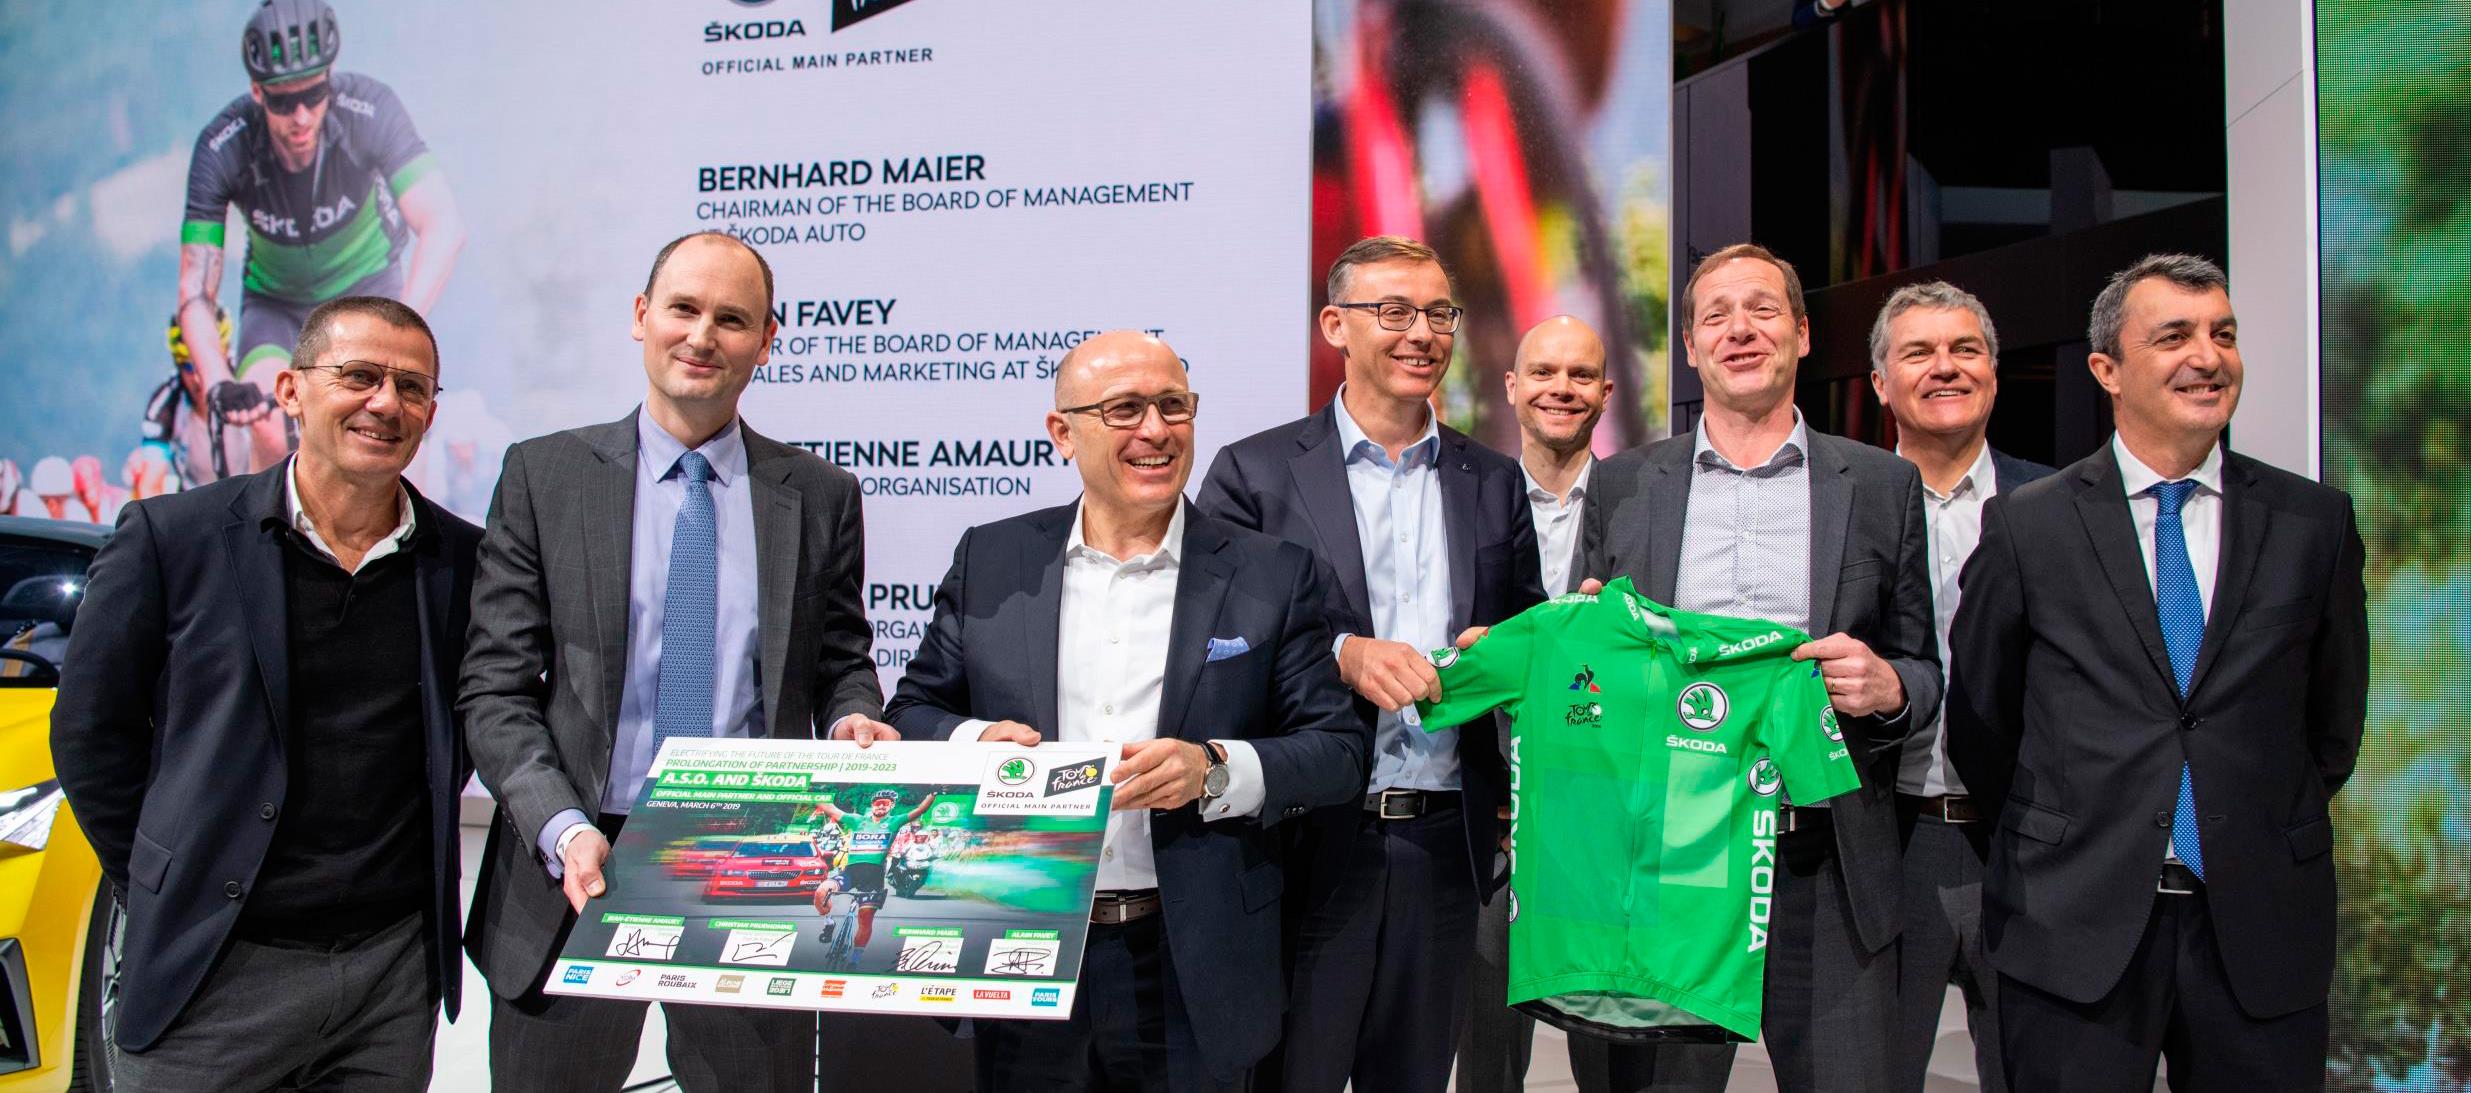 Skoda sigue apoyando el ciclismo con su compromiso con el Tour de Francia y La Vuelta